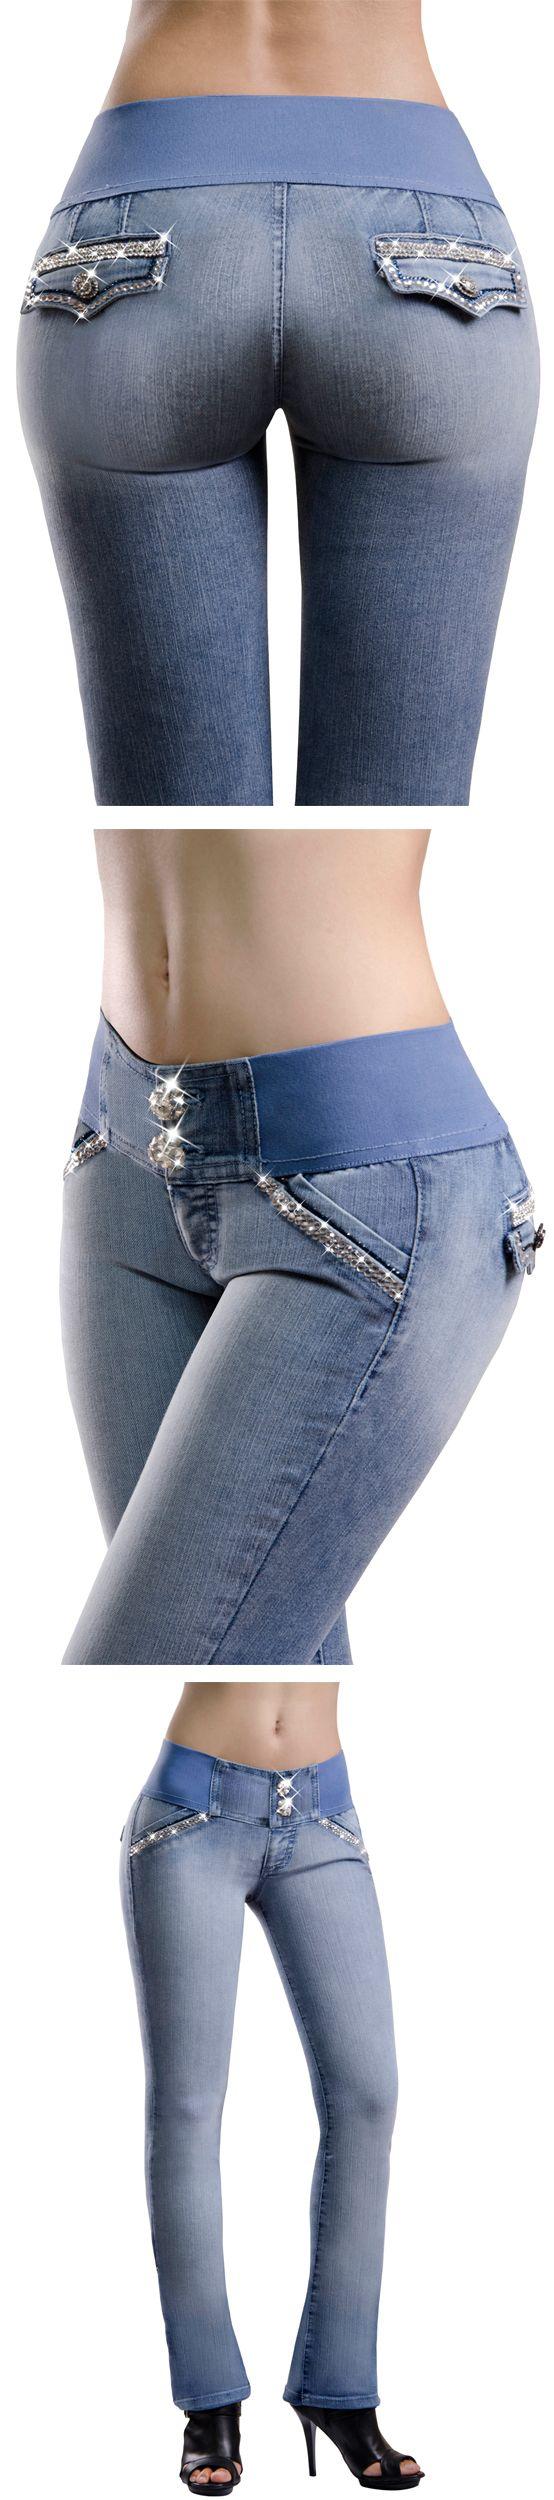 Modelo 23 17 Siempre A La Moda Seven Eleven Jeans Ropa Moda Ropa Casual